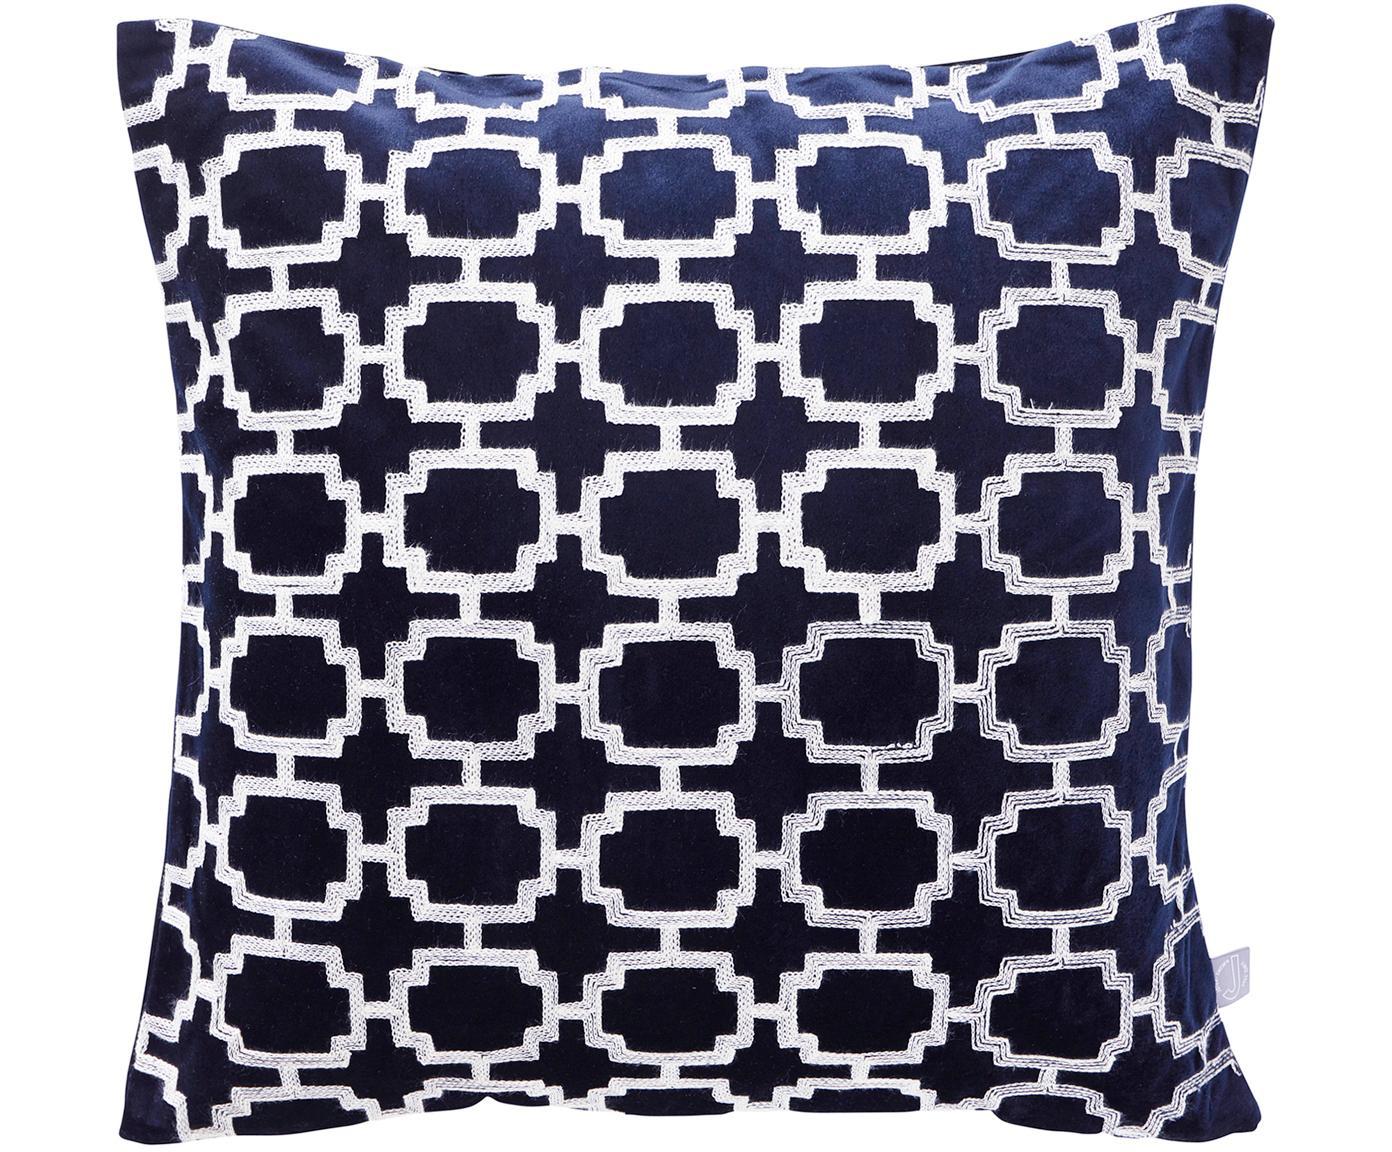 Poszewka na poduszkę z aksamitu Simone, 100% aksamit poliestrowy, Ciemnoniebieski, złamana biel, S 43 x D 43 cm